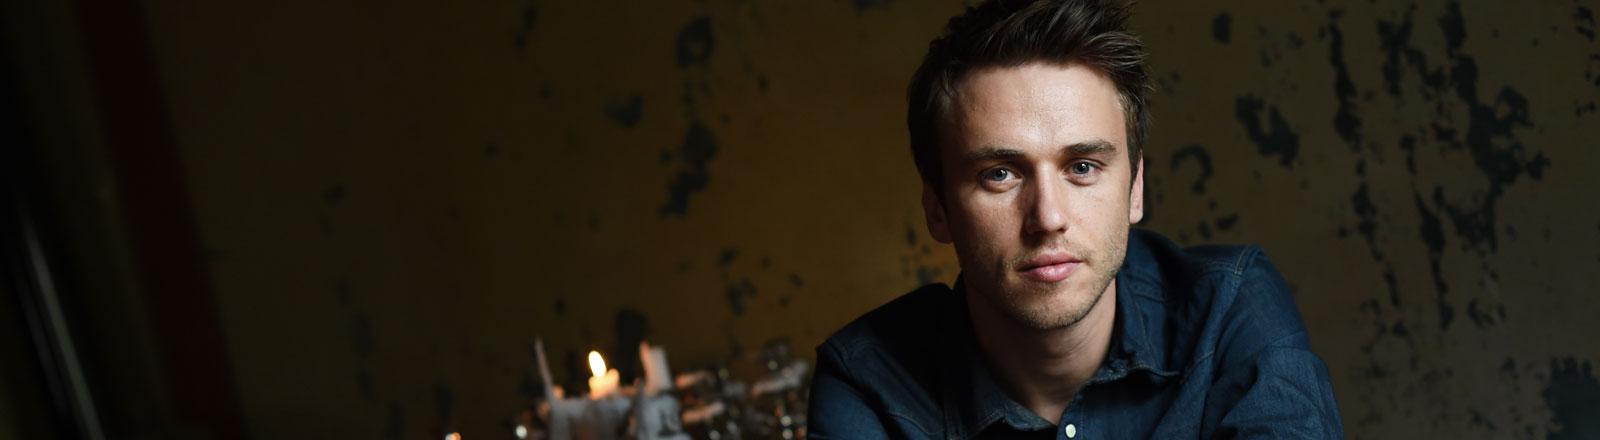 Der deutsche Sänger, Rapper, Songwriter, Produzent und Autor Clueso posiert am 11.08.2014 in Berlin.